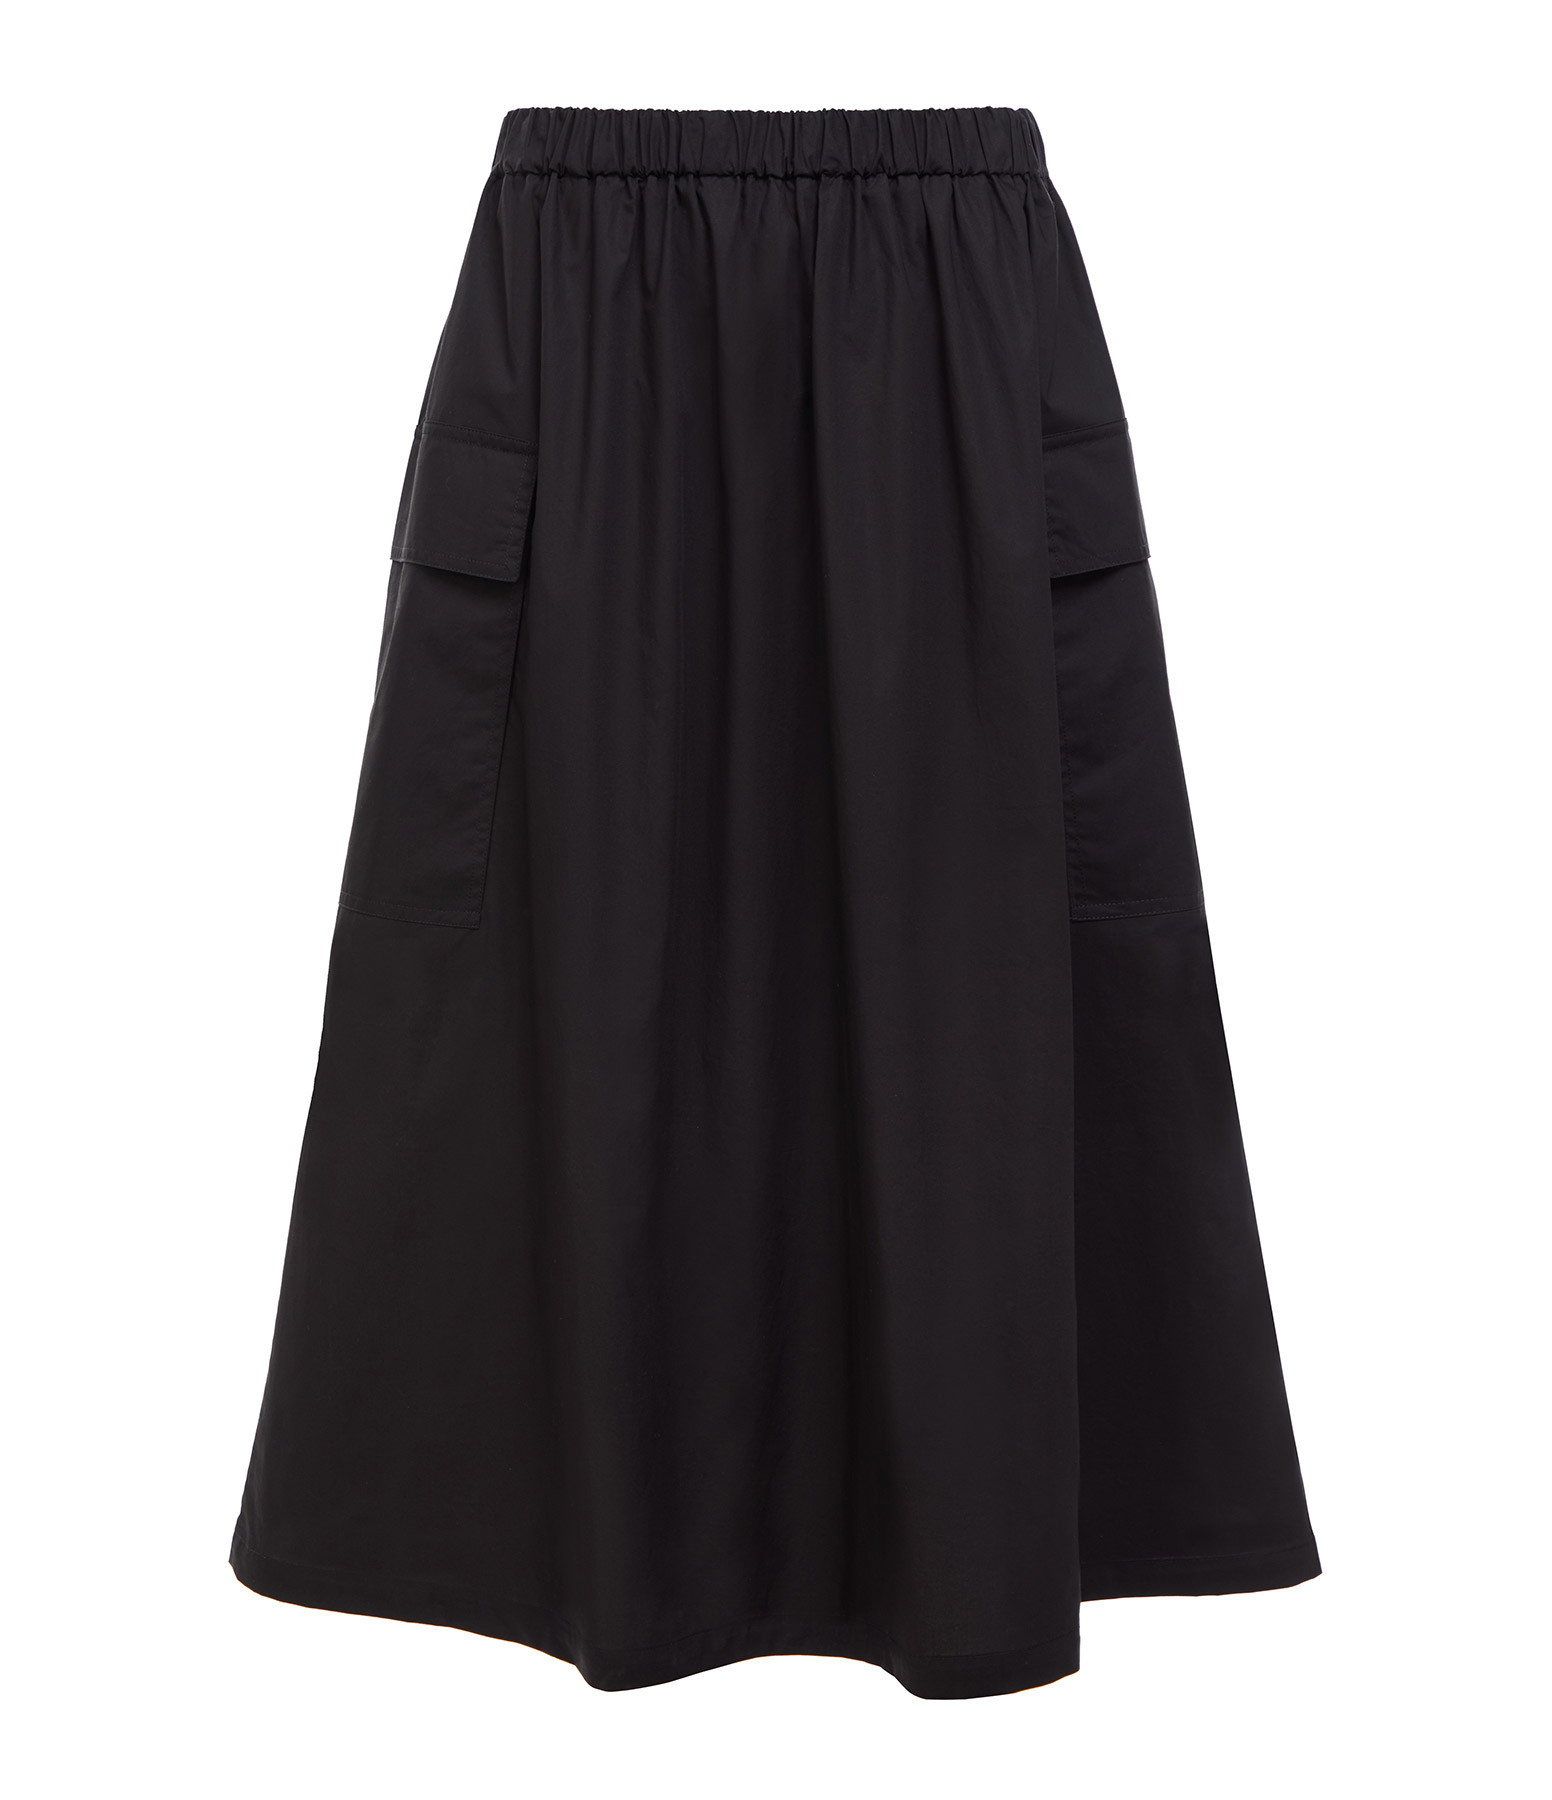 ROBERTO COLLINA - Jupe Poches Coton Noir